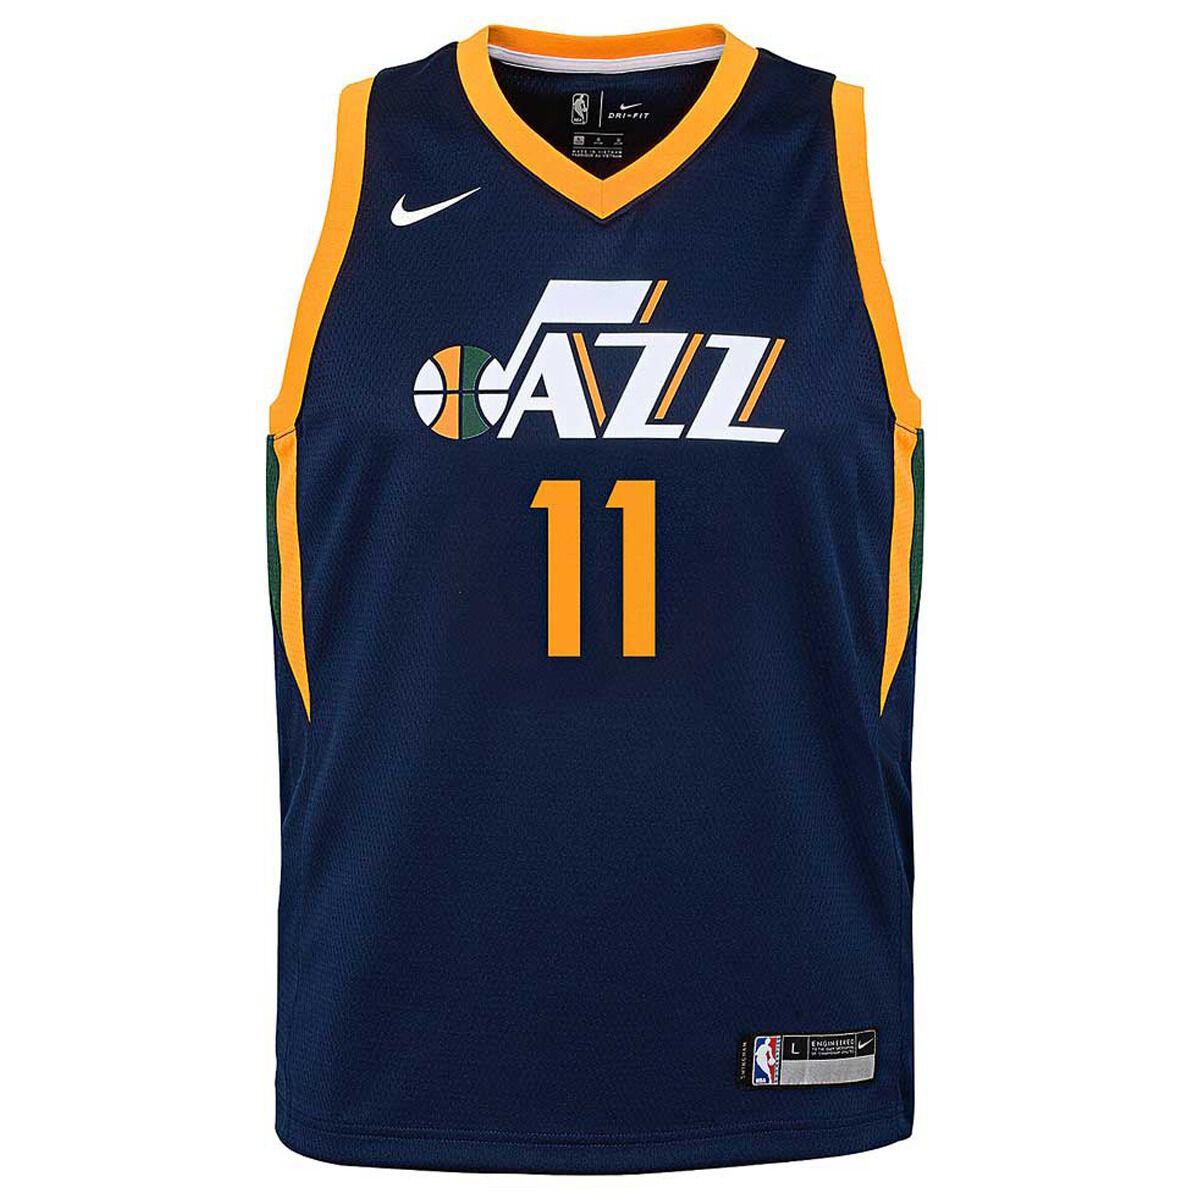 Utah Jazz Ladies Apparel, Ladies Jazz Clothing, Merchandise